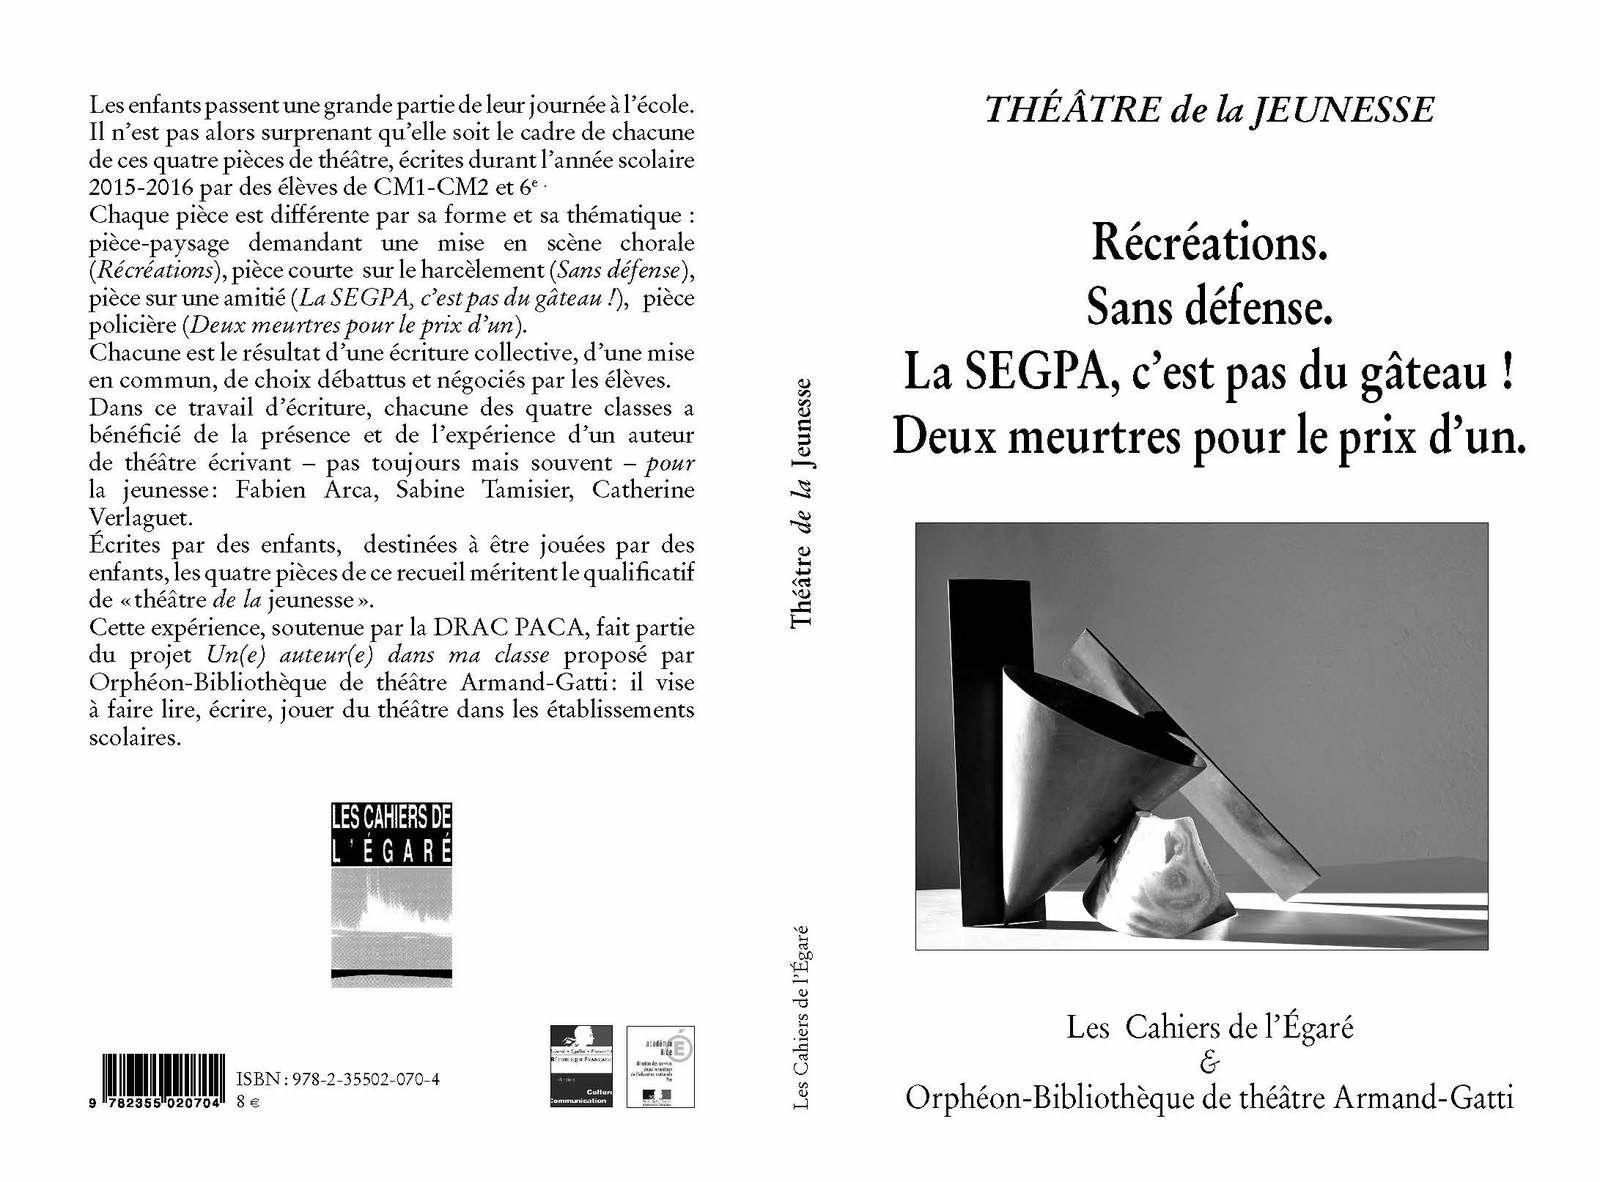 LES 7 TITRES DES CAHIERS DE L'ÉGARÉ PARUS EN 2016 + les 2 titres parus dans La Collection privée du Capitaine